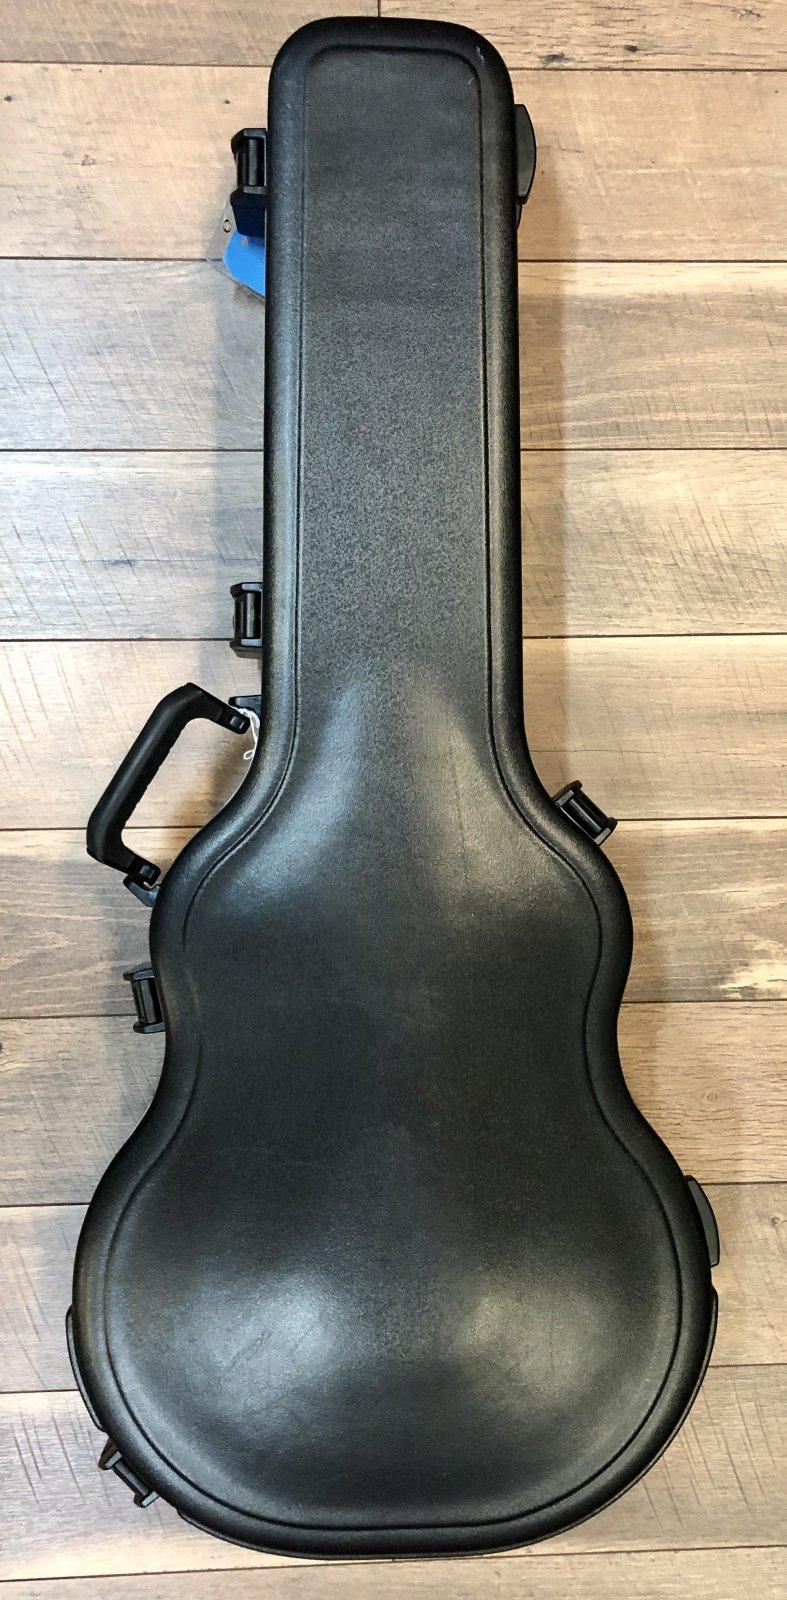 USED - SKB 335 Style Hardshell Case